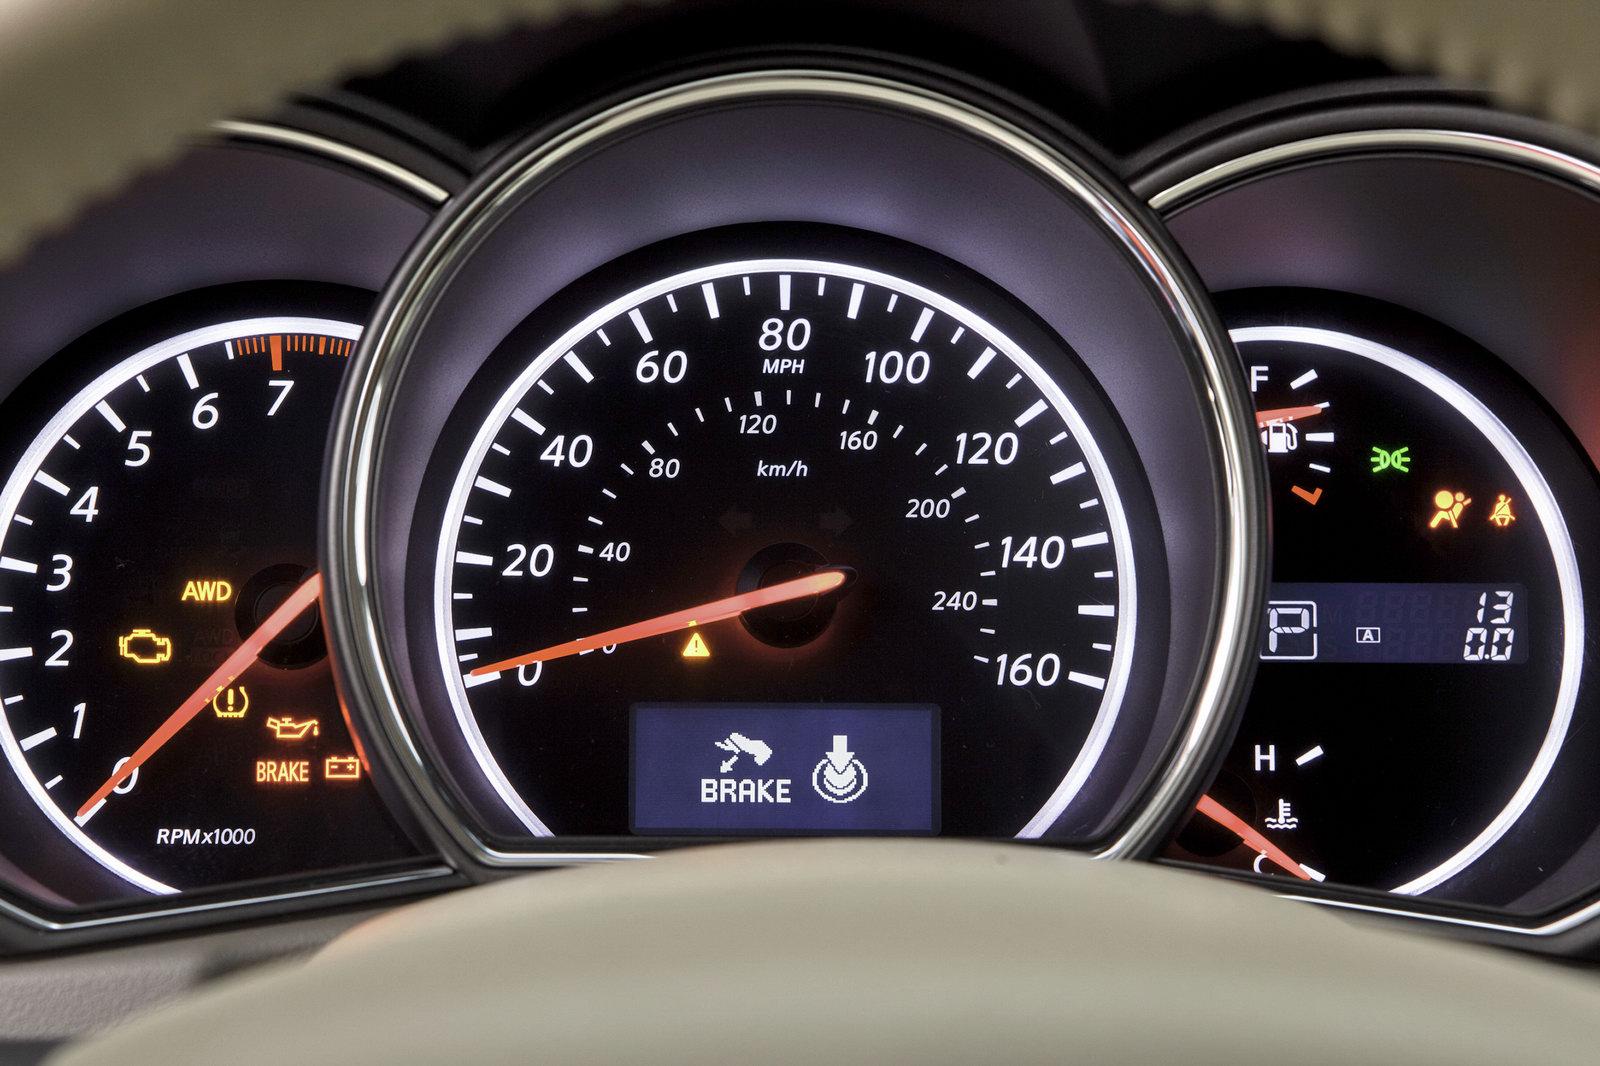 Nissan Murano : le millésime américain 2011